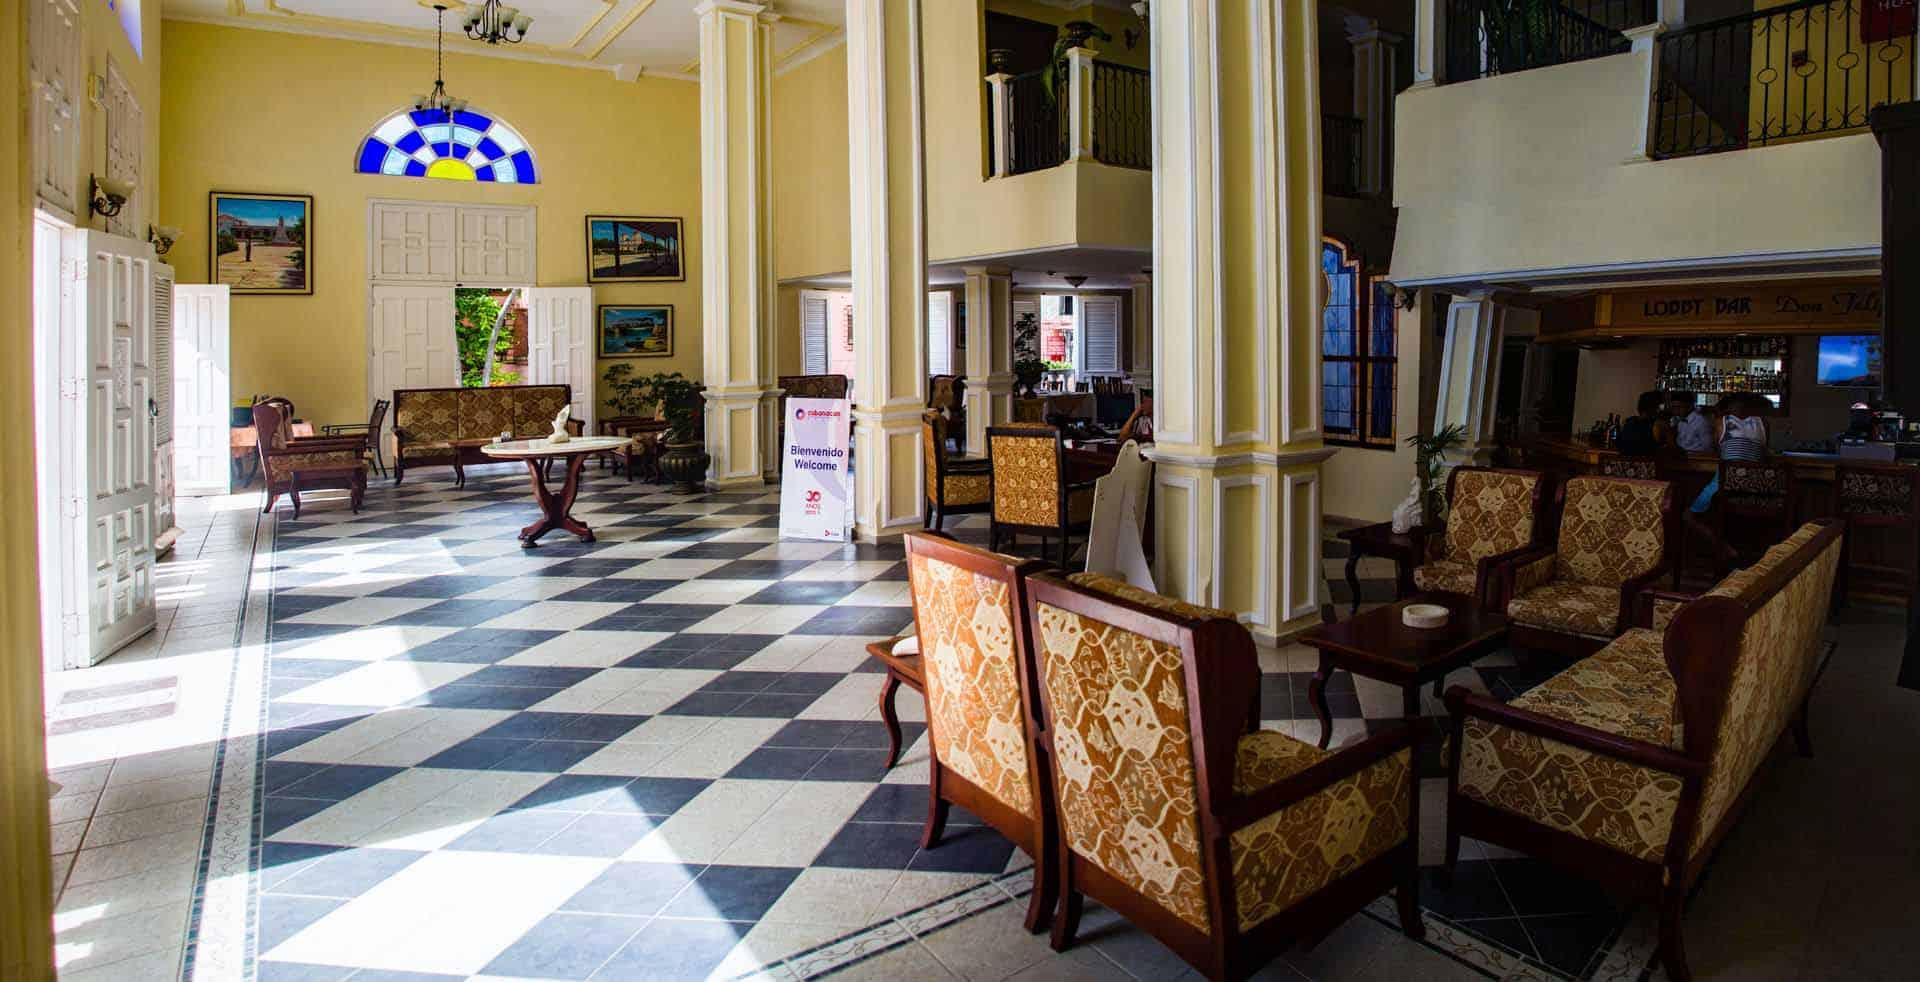 H1951 Hotel Ordono 07 cuba autrement